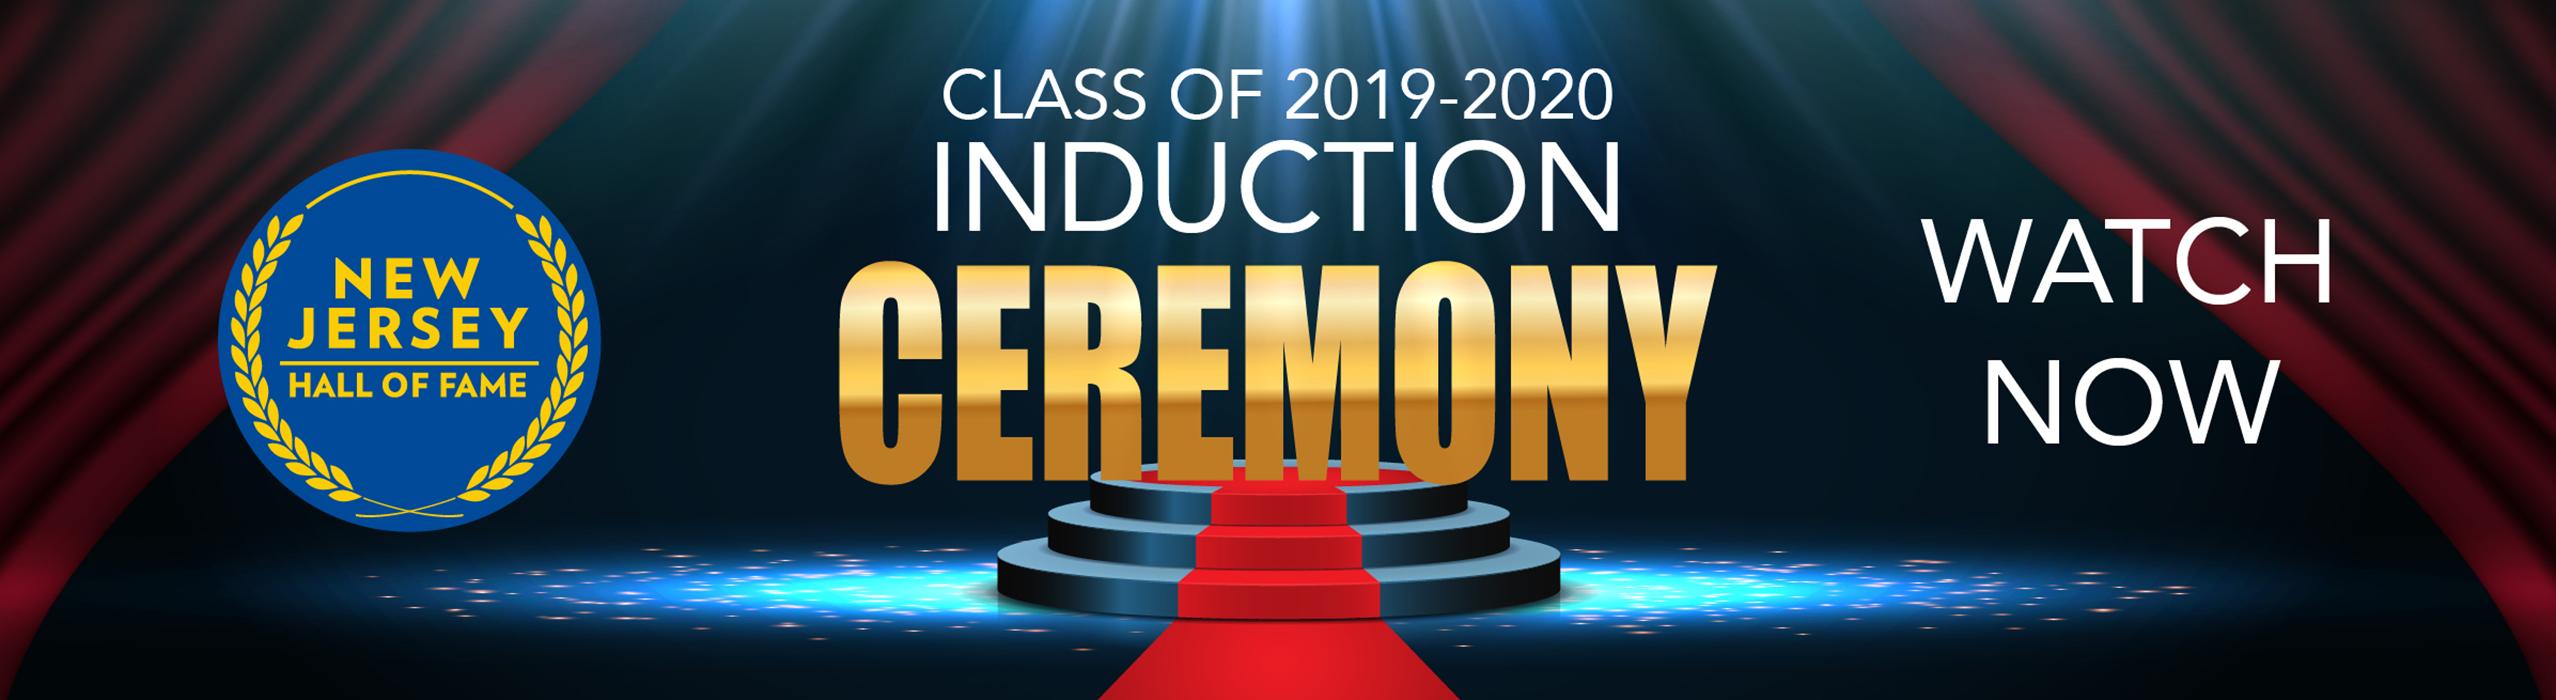 NJHOF 2019-2020 Induction ceremony